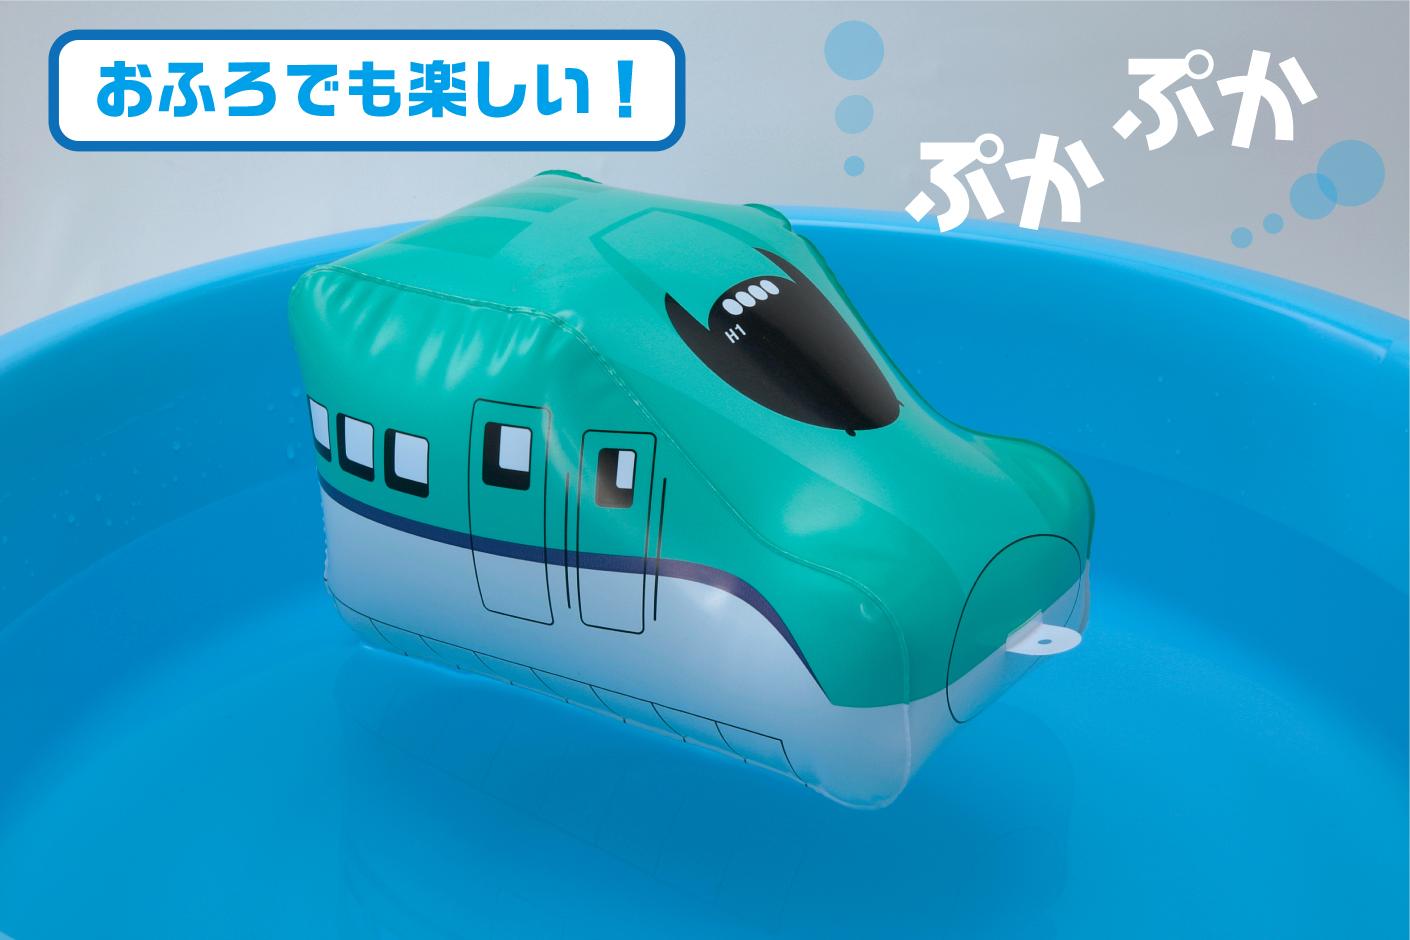 「コロぷか新幹線 H5けいはやぶさ おふろでも楽しい」画像